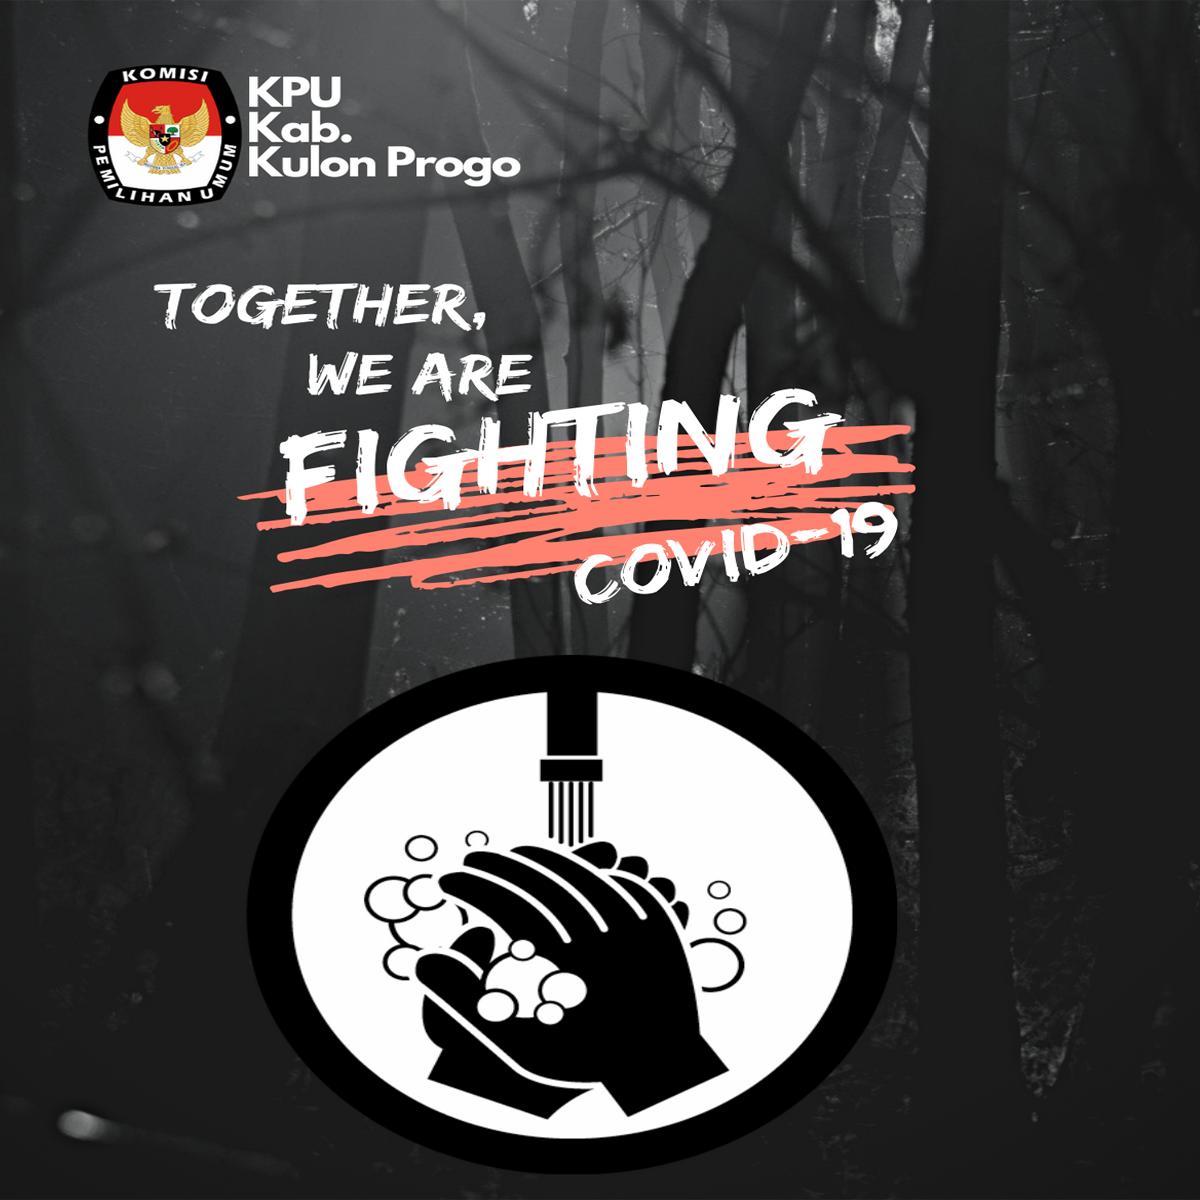 Antisipasi Covid19 di Lingkungan KPU Kulon Progo